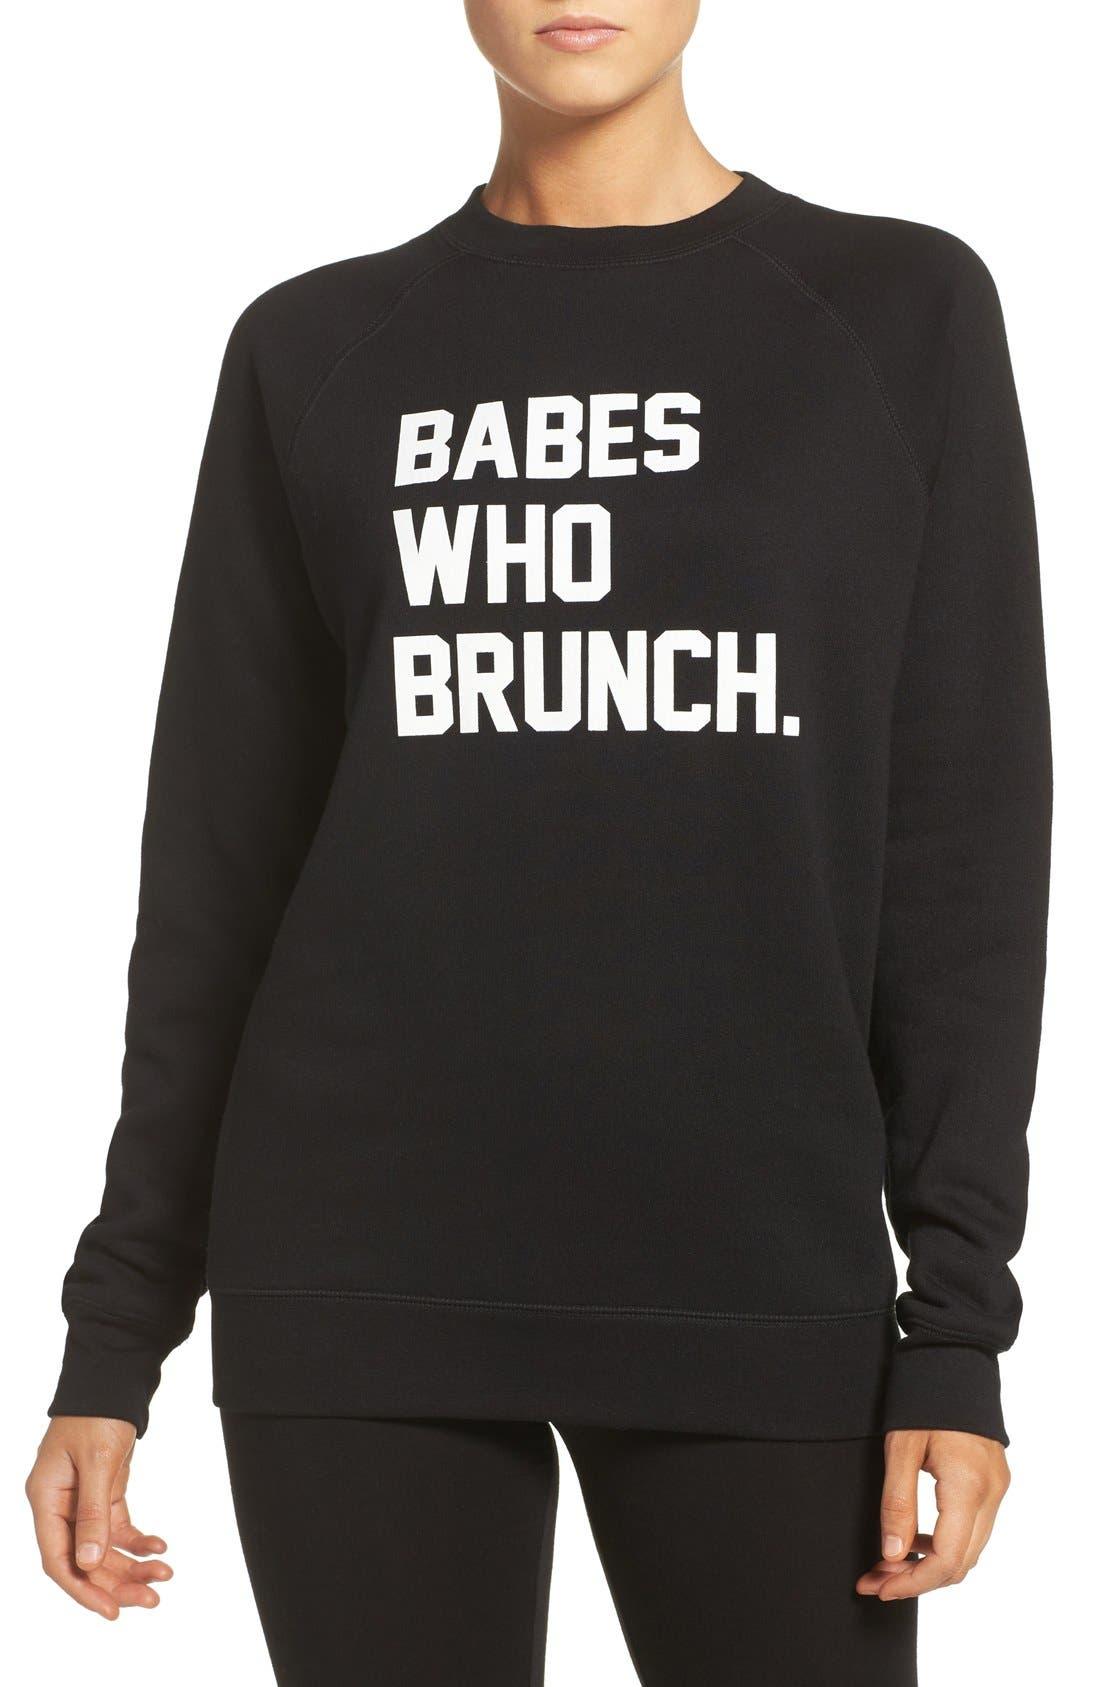 BRUNETTE THE LABEL, 'Babes Who Brunch' Crewneck Sweatshirt, Main thumbnail 1, color, 001